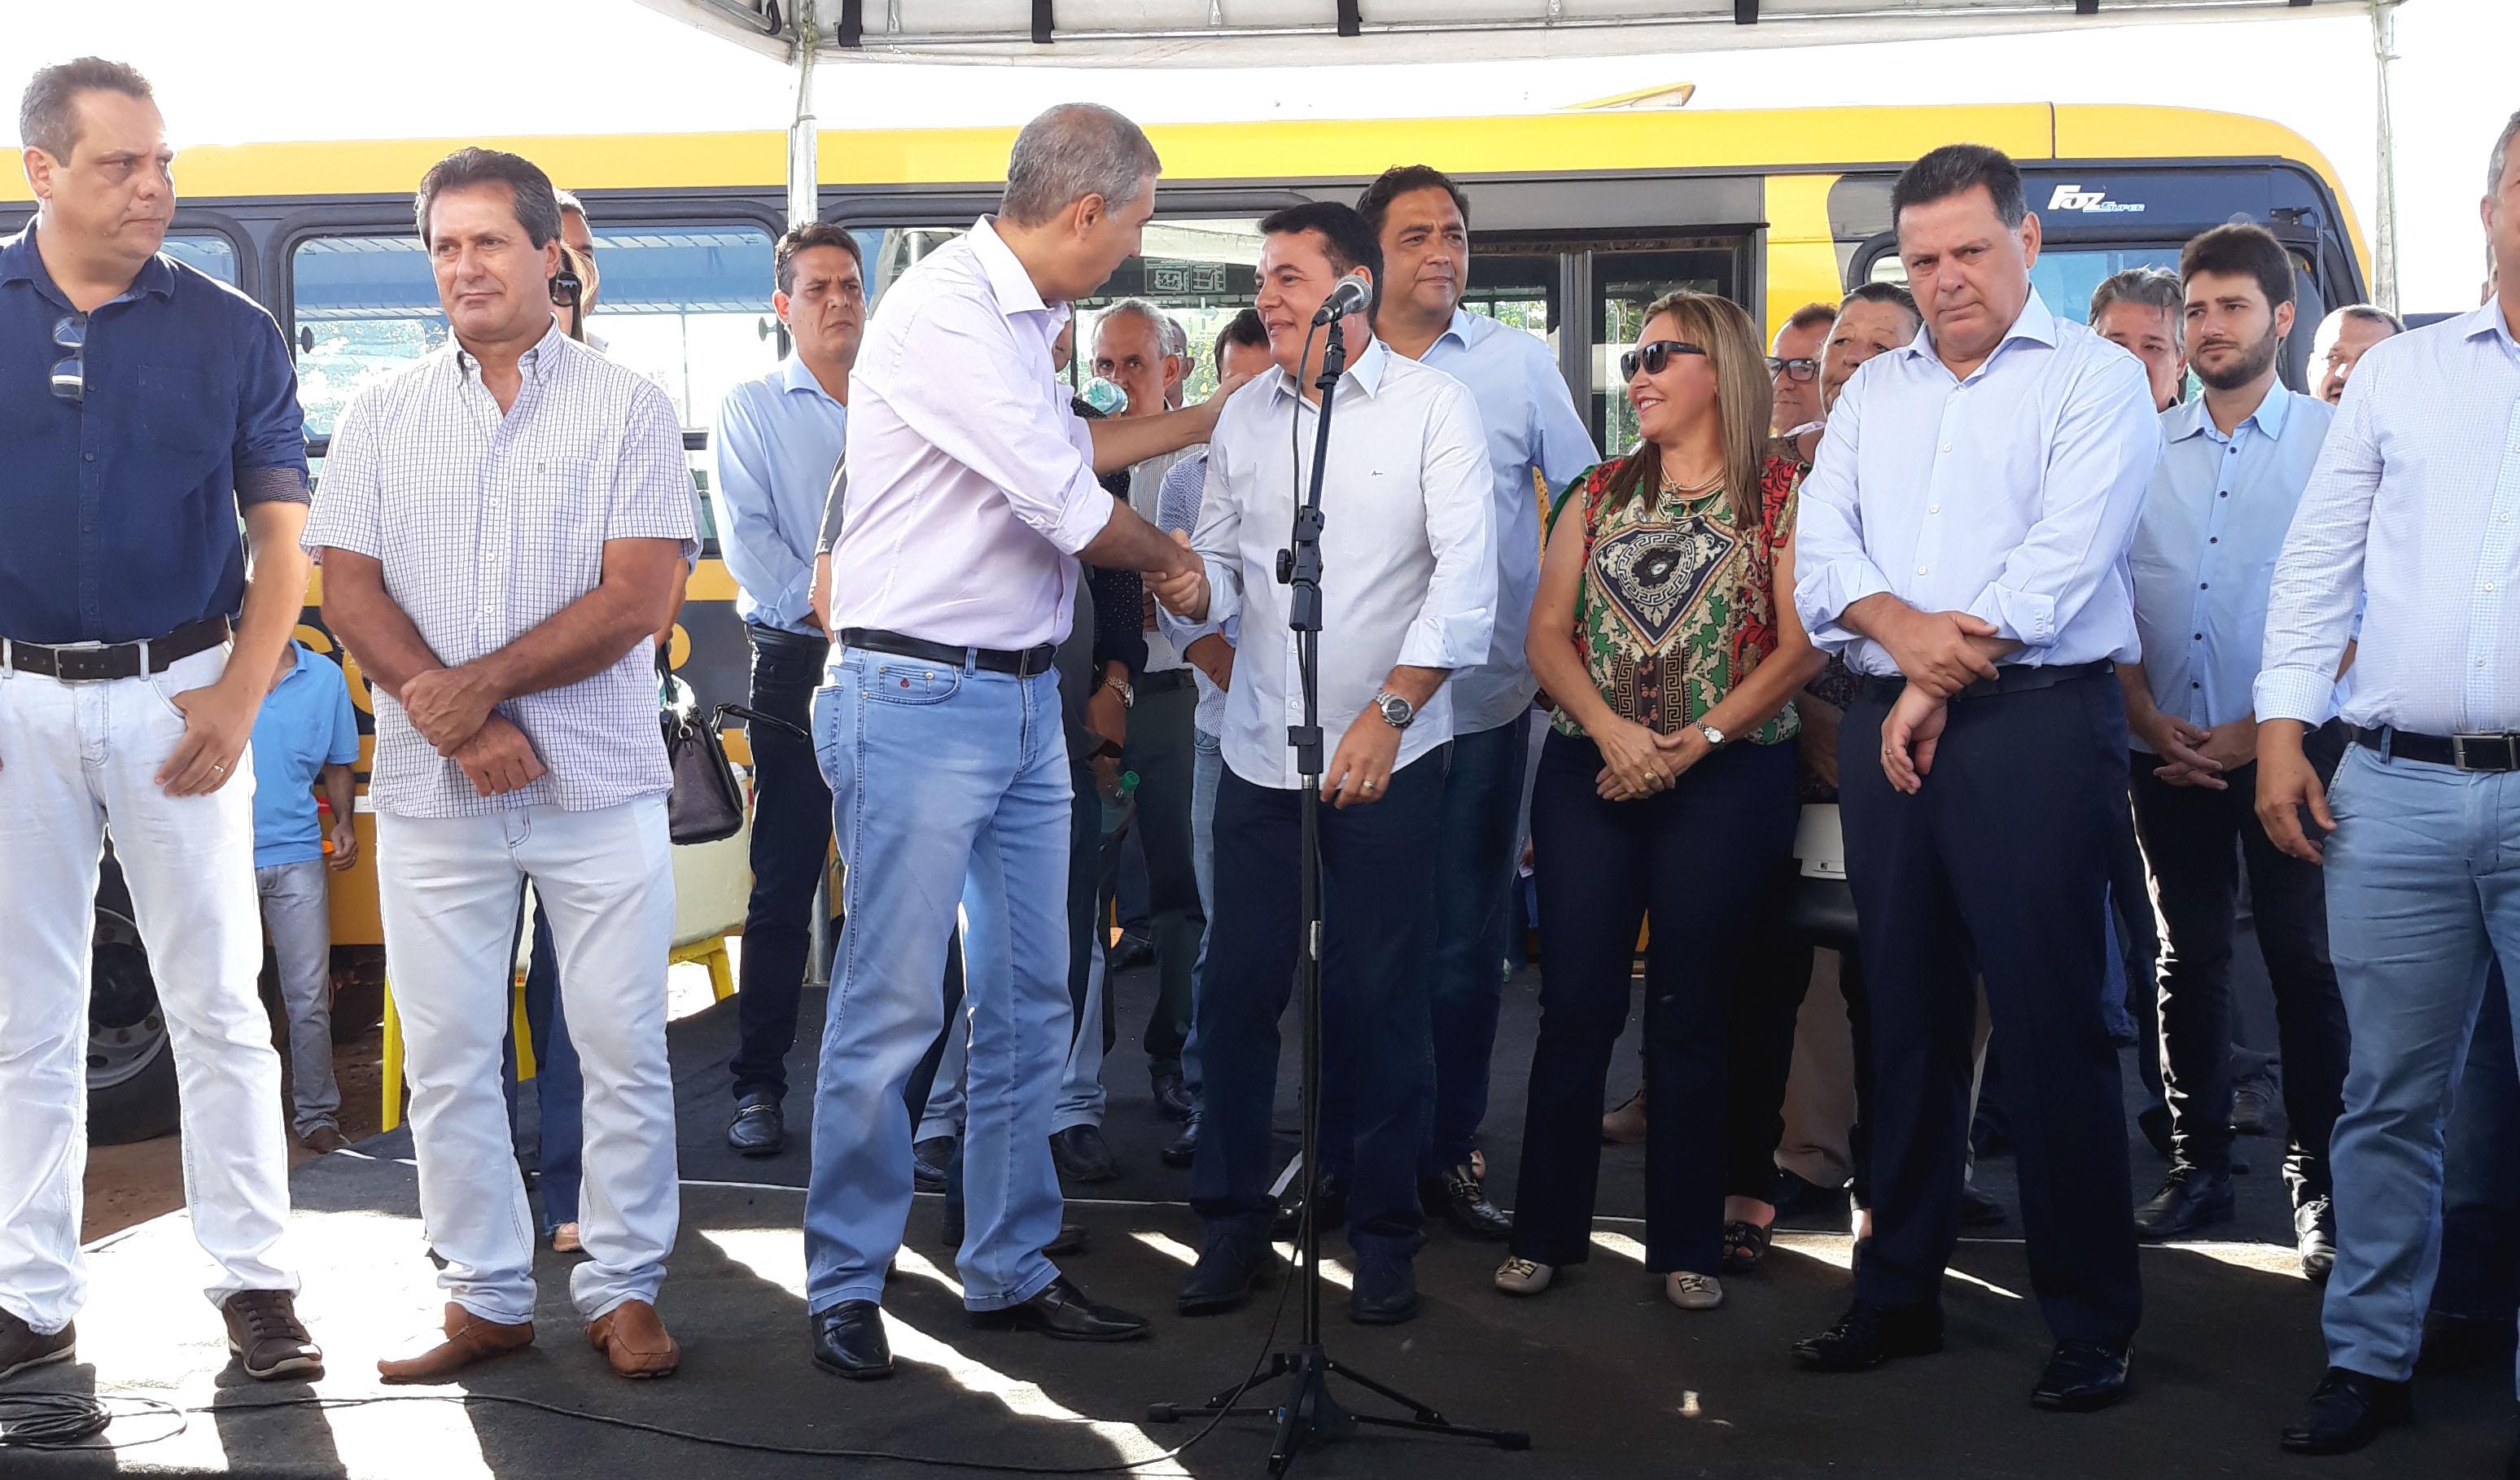 PREFEITO CÁSSIO GUSMÃO PARTICIPA DE INAUGURAÇÃO E PEDE APOIO AO ESTADO